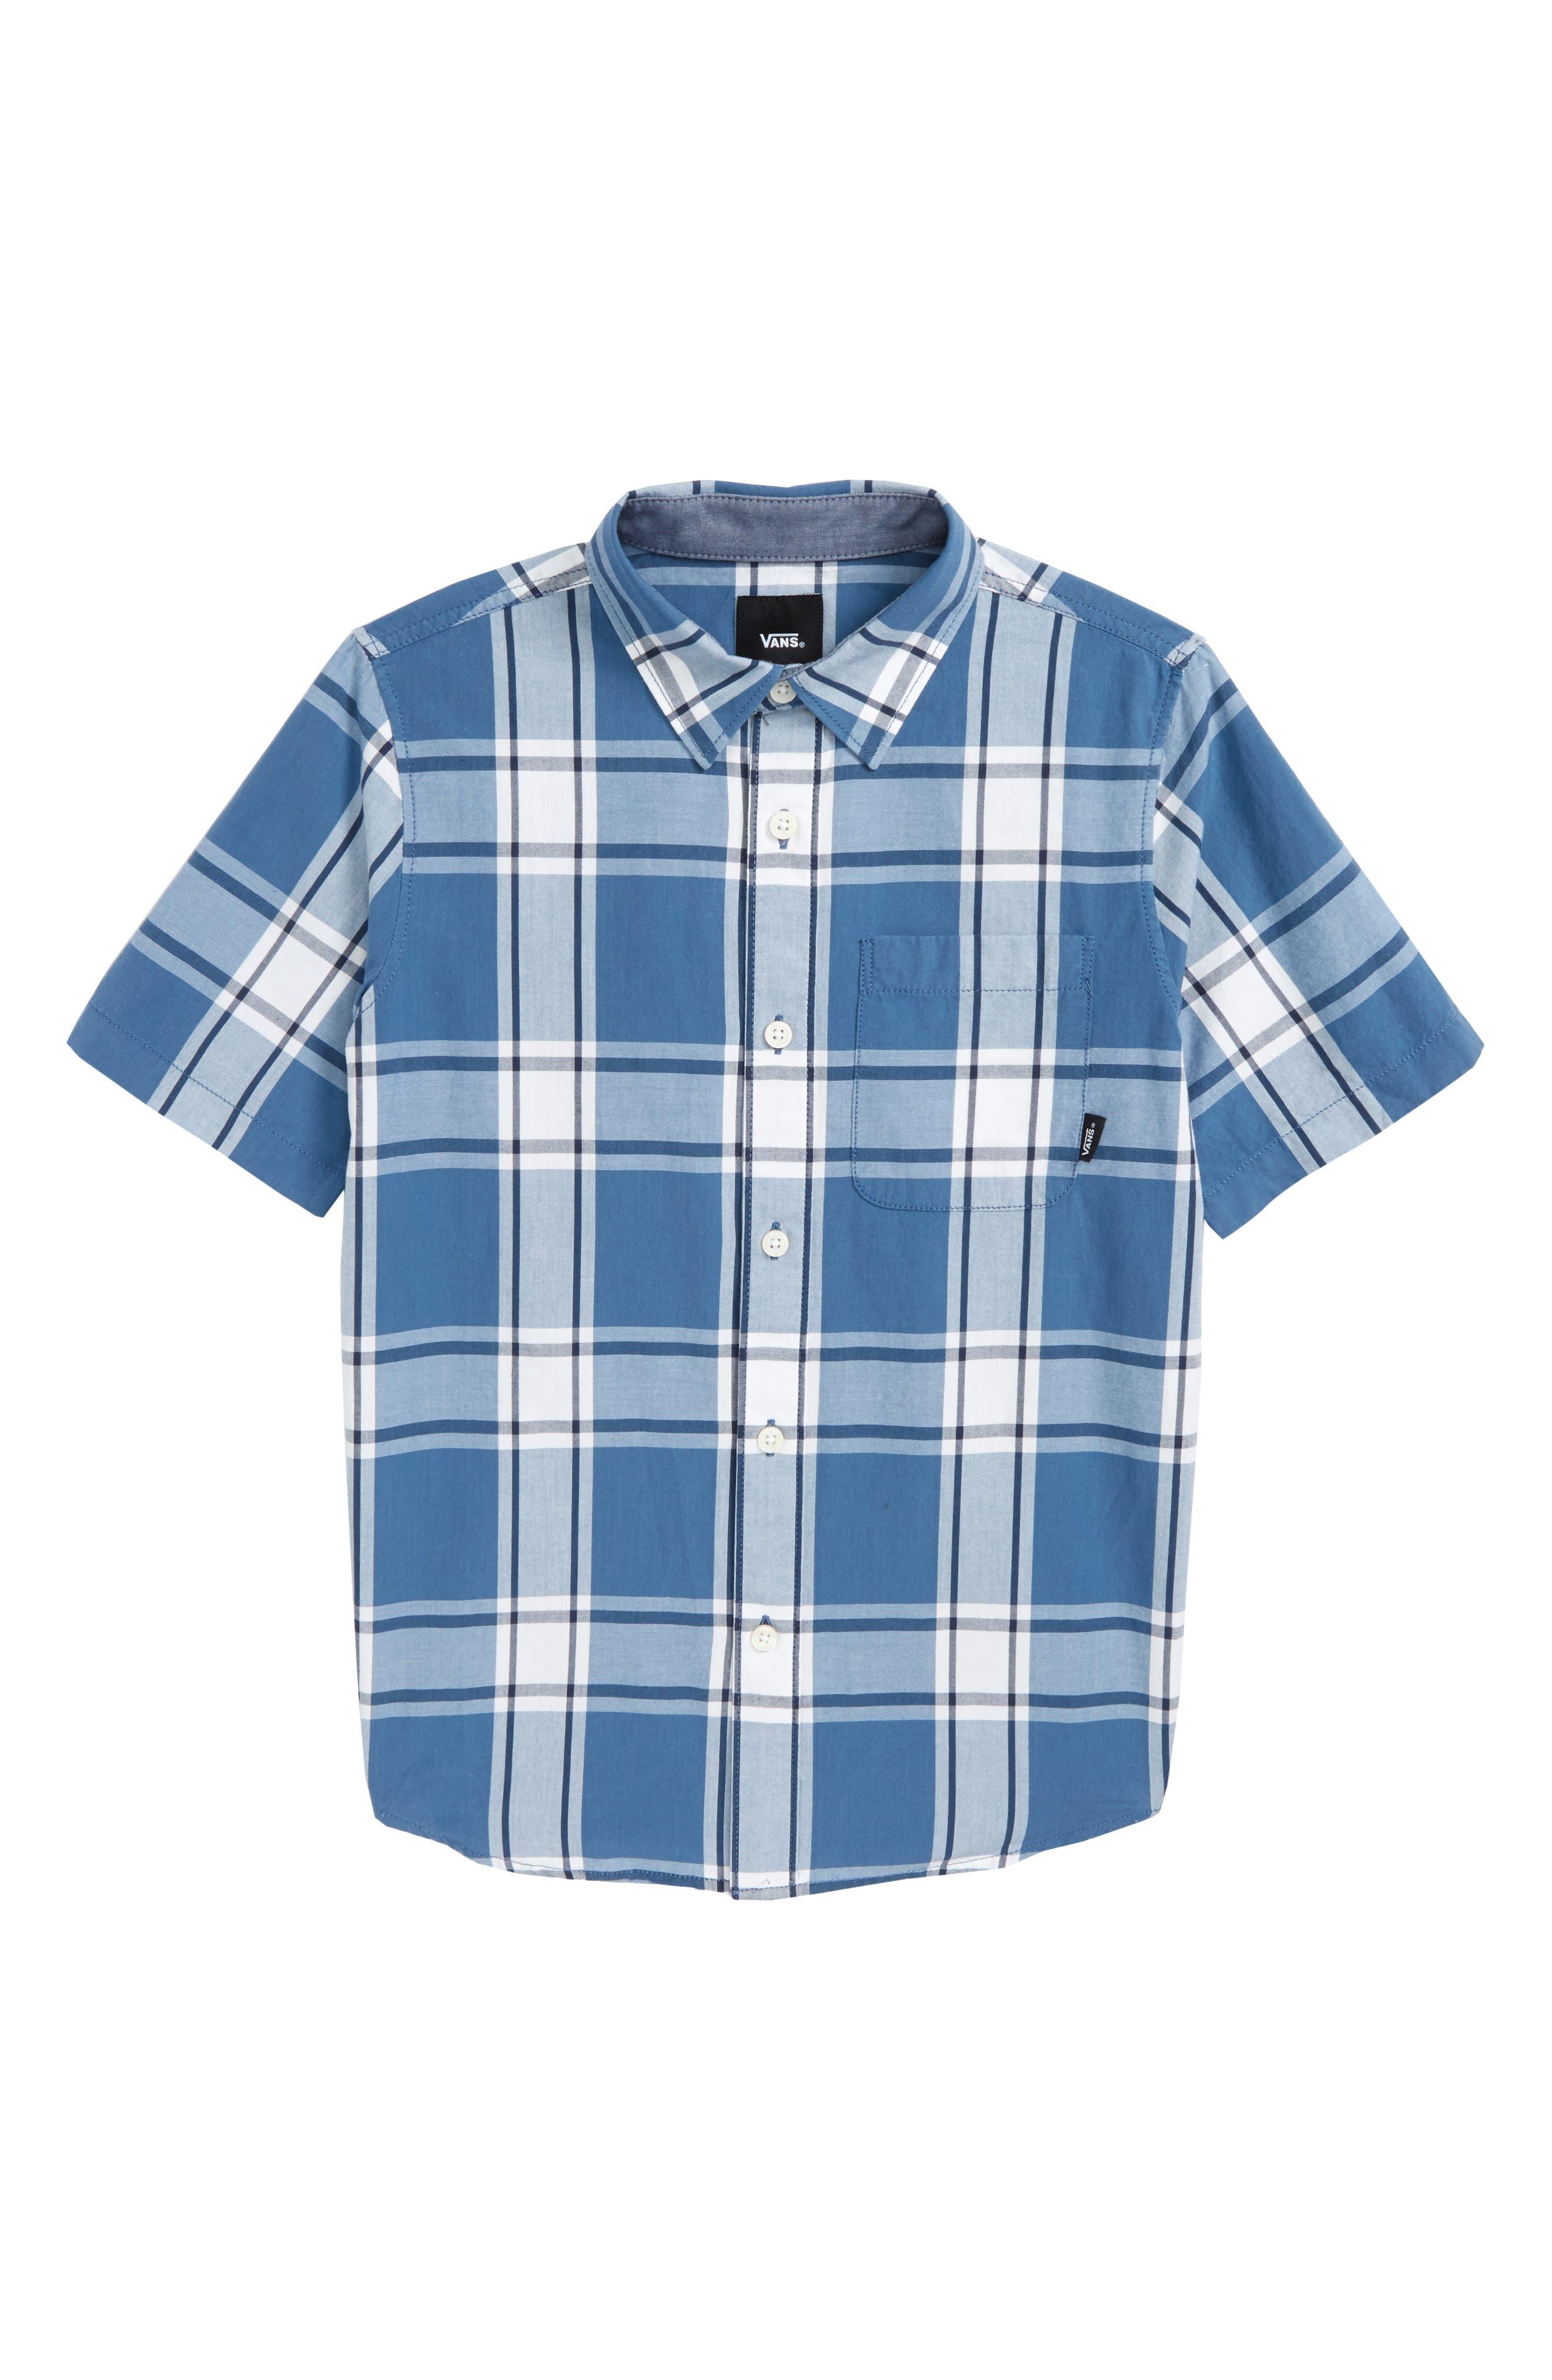 Mayfield Plaid Woven Shirt,                             Main thumbnail 1, color,                             Copen Blue